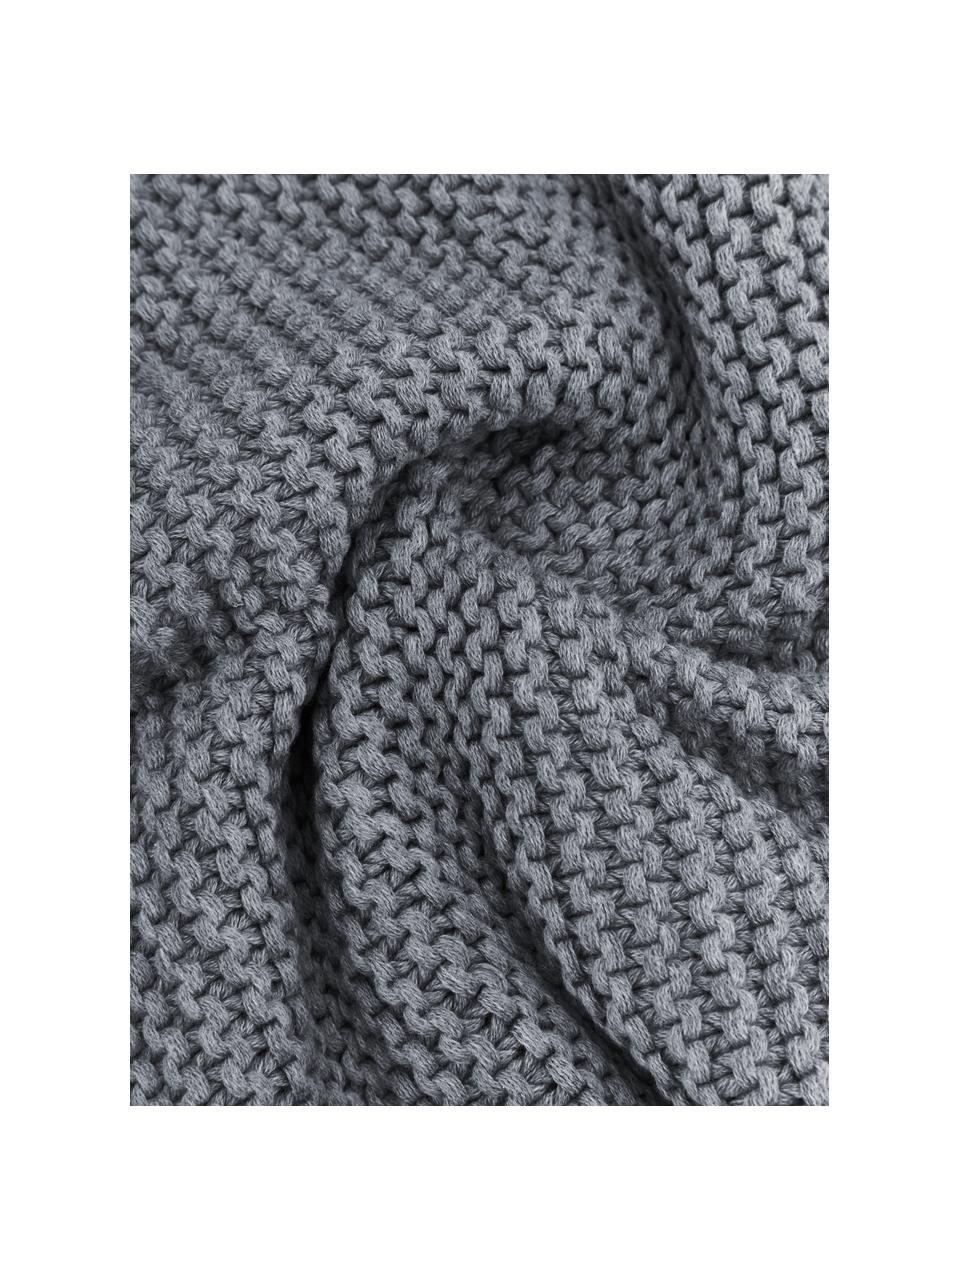 Gebreide kussenhoes Adalyn van biokatoen in grijs, 100% biokatoen, Grijs, 60 x 60 cm